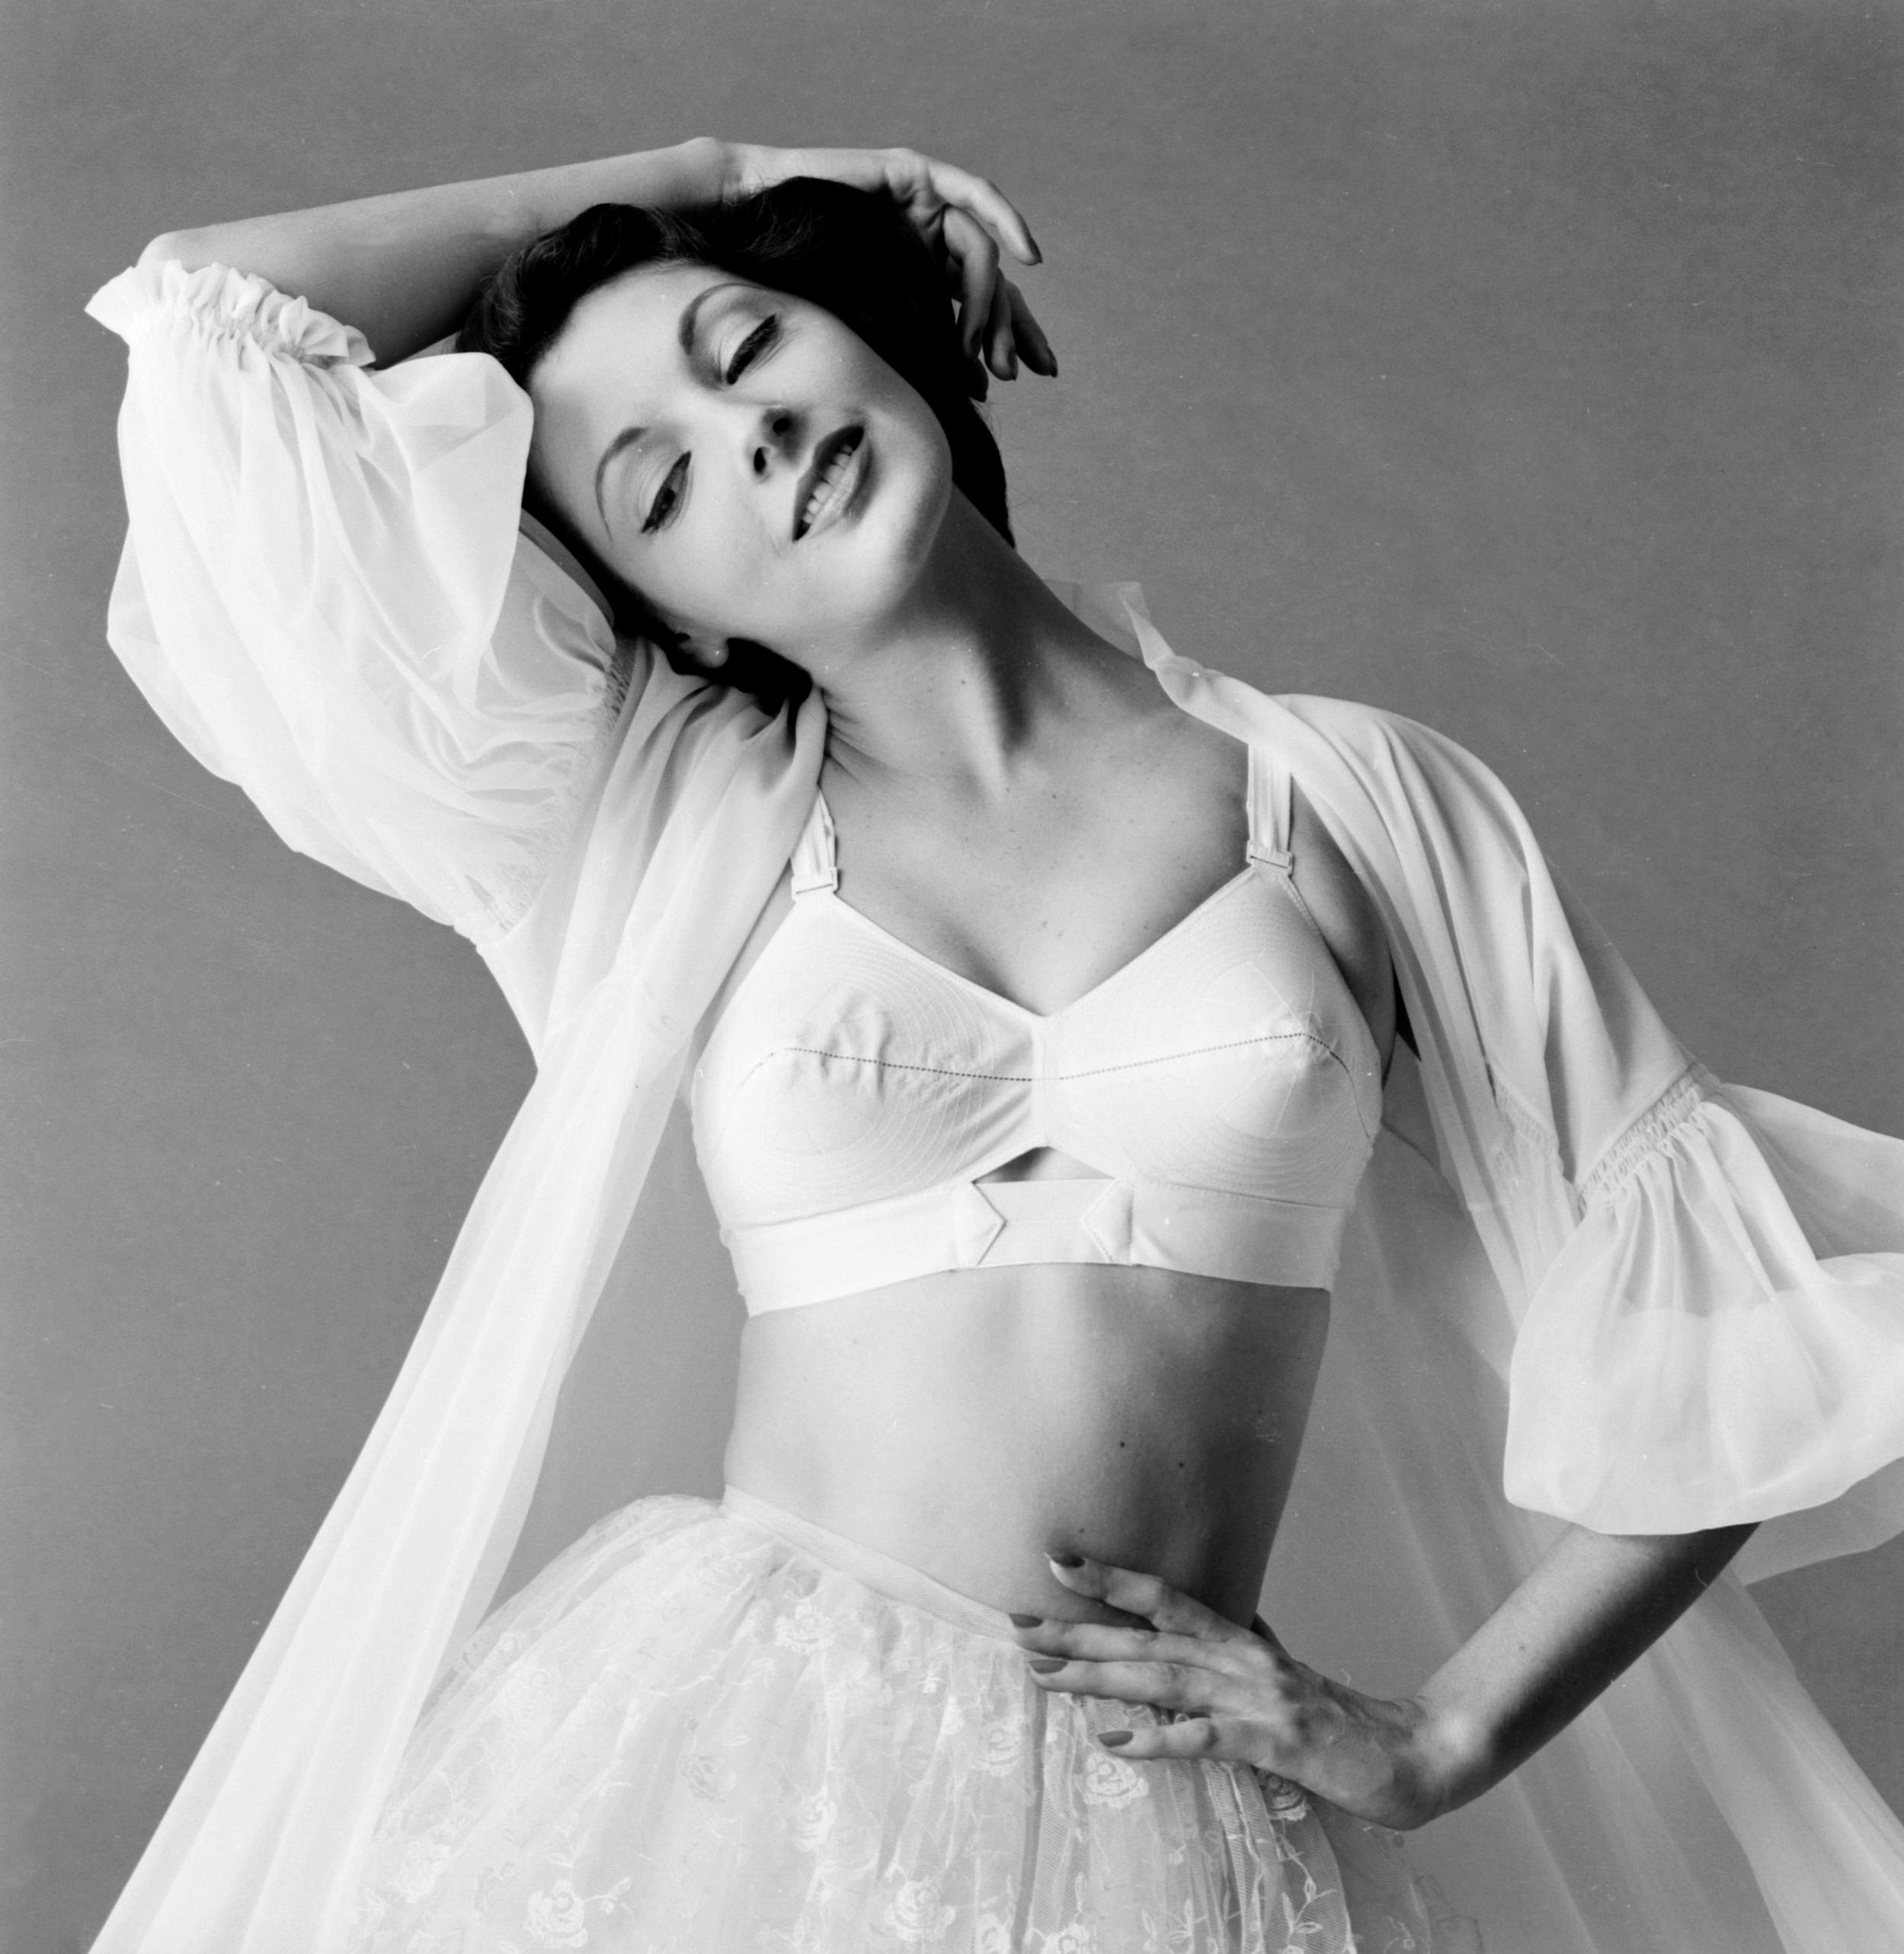 Maidenform, 1955